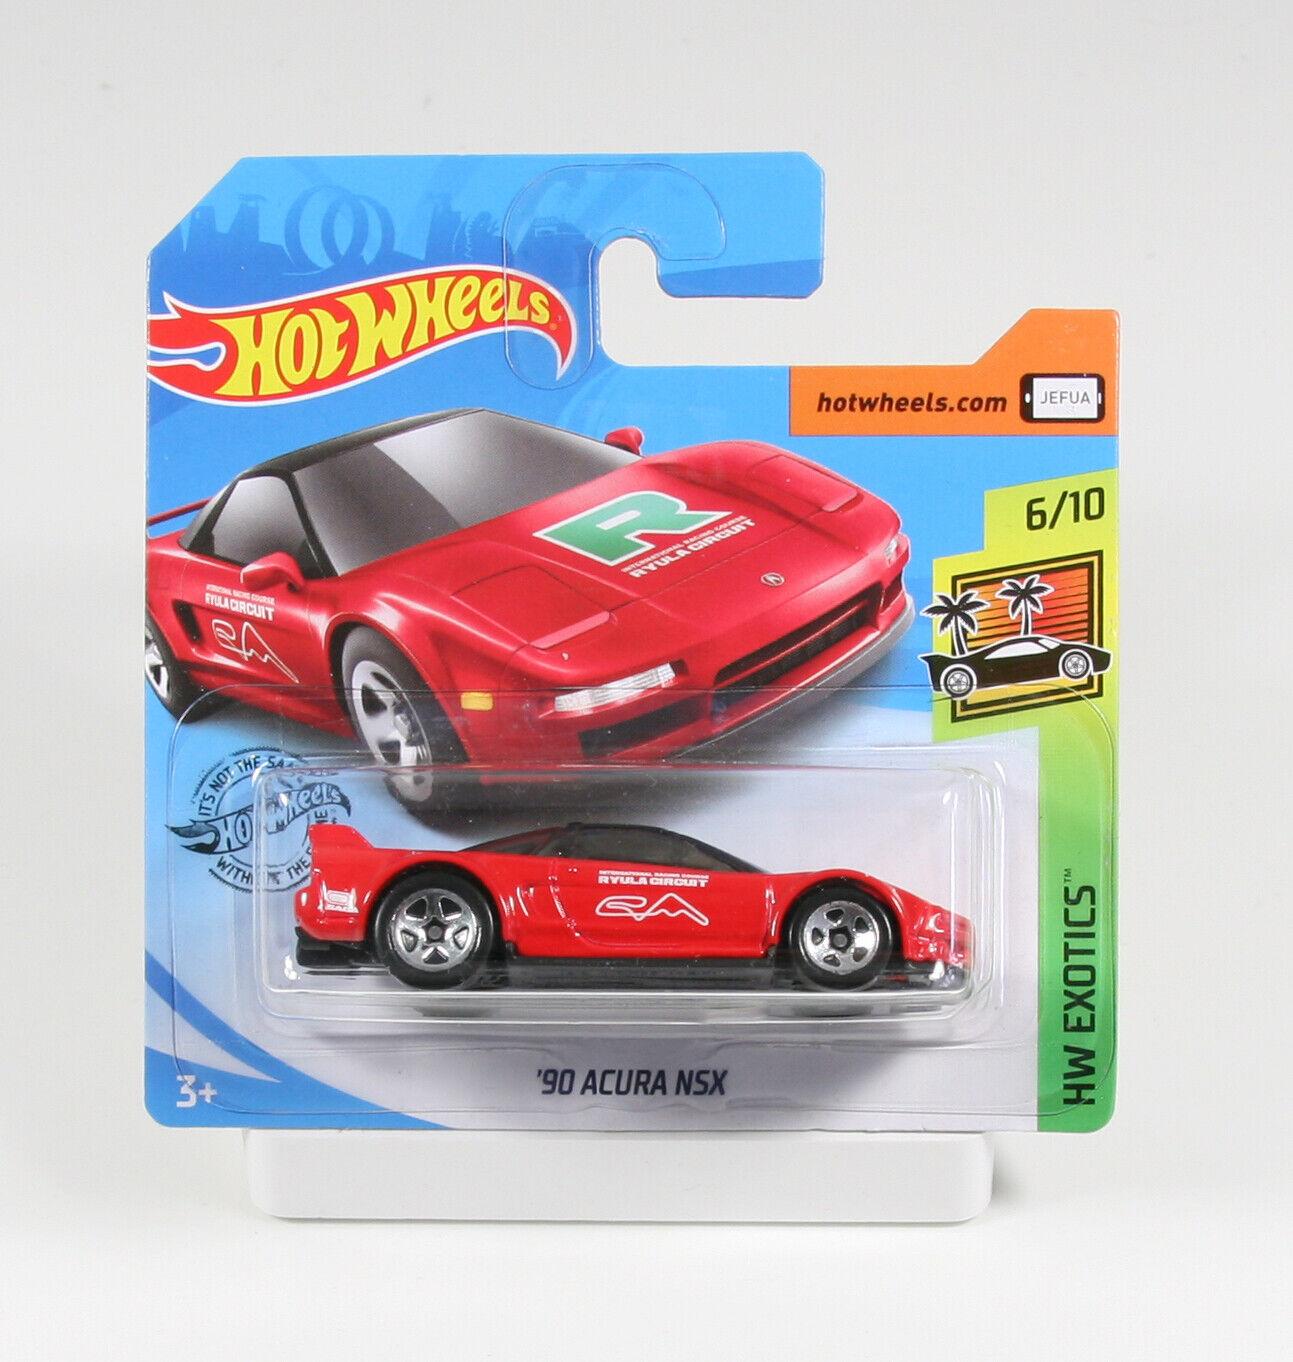 Auto- & Verkehrsmodelle